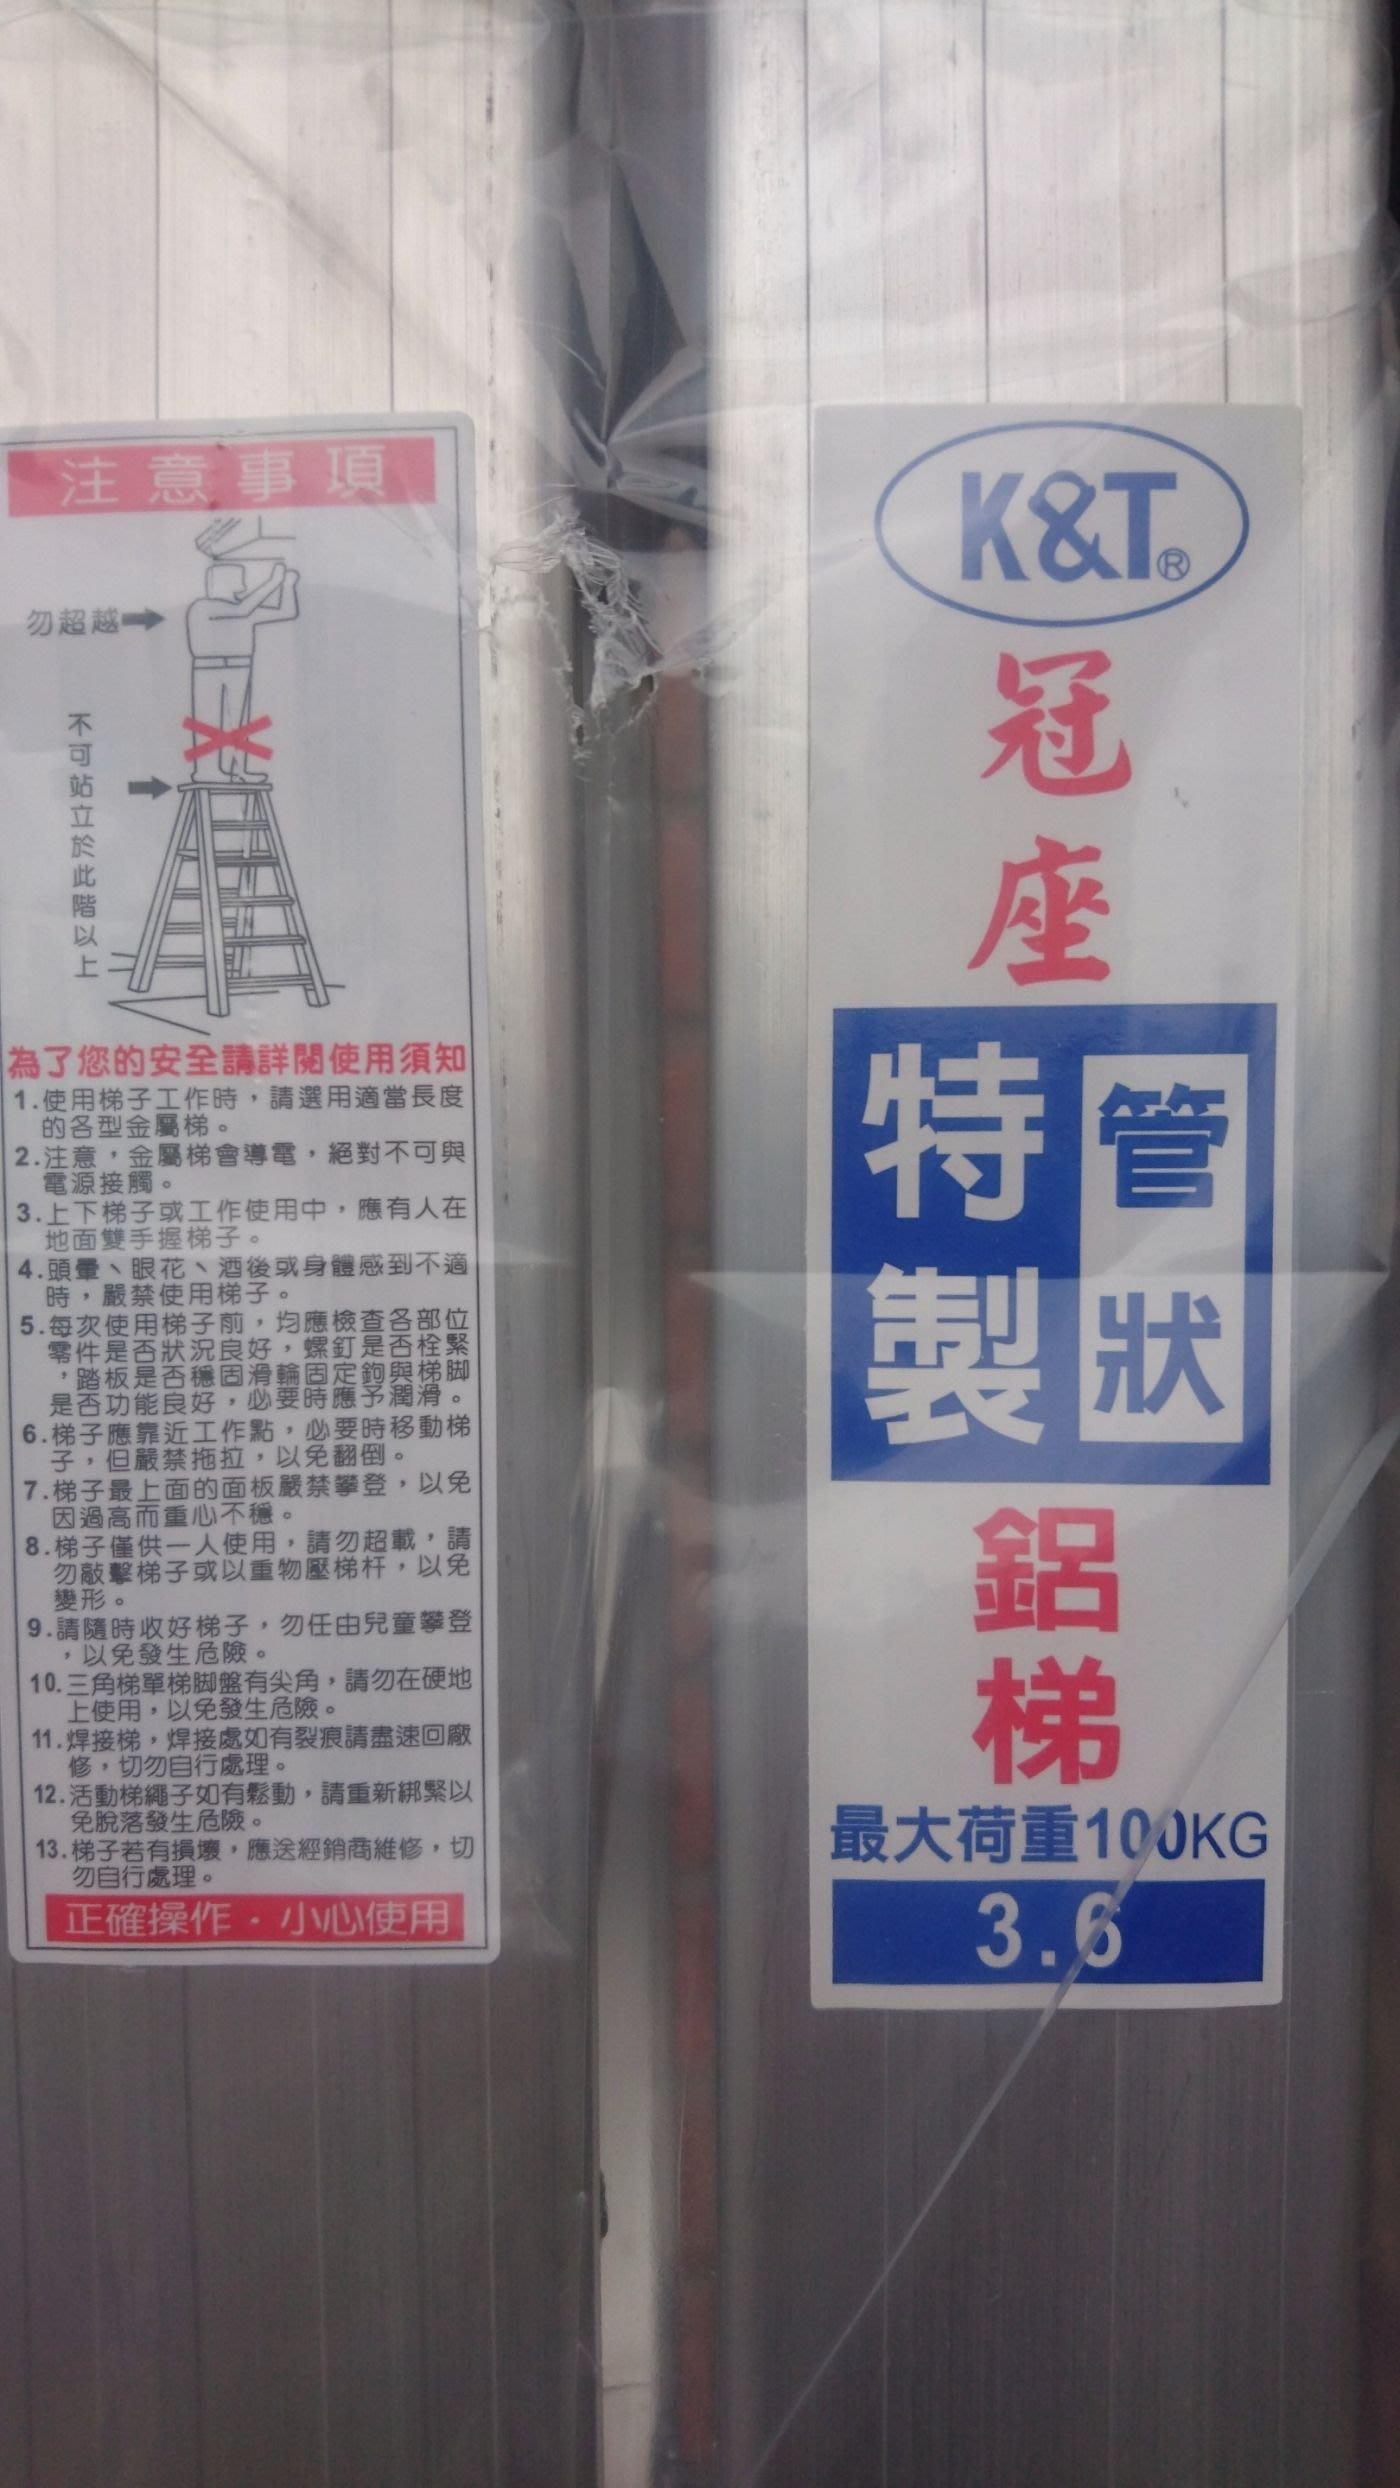 昇夏五金,五尺冠座特製鋁梯_A字梯_馬椅_3.6mm_最大負重100公斤